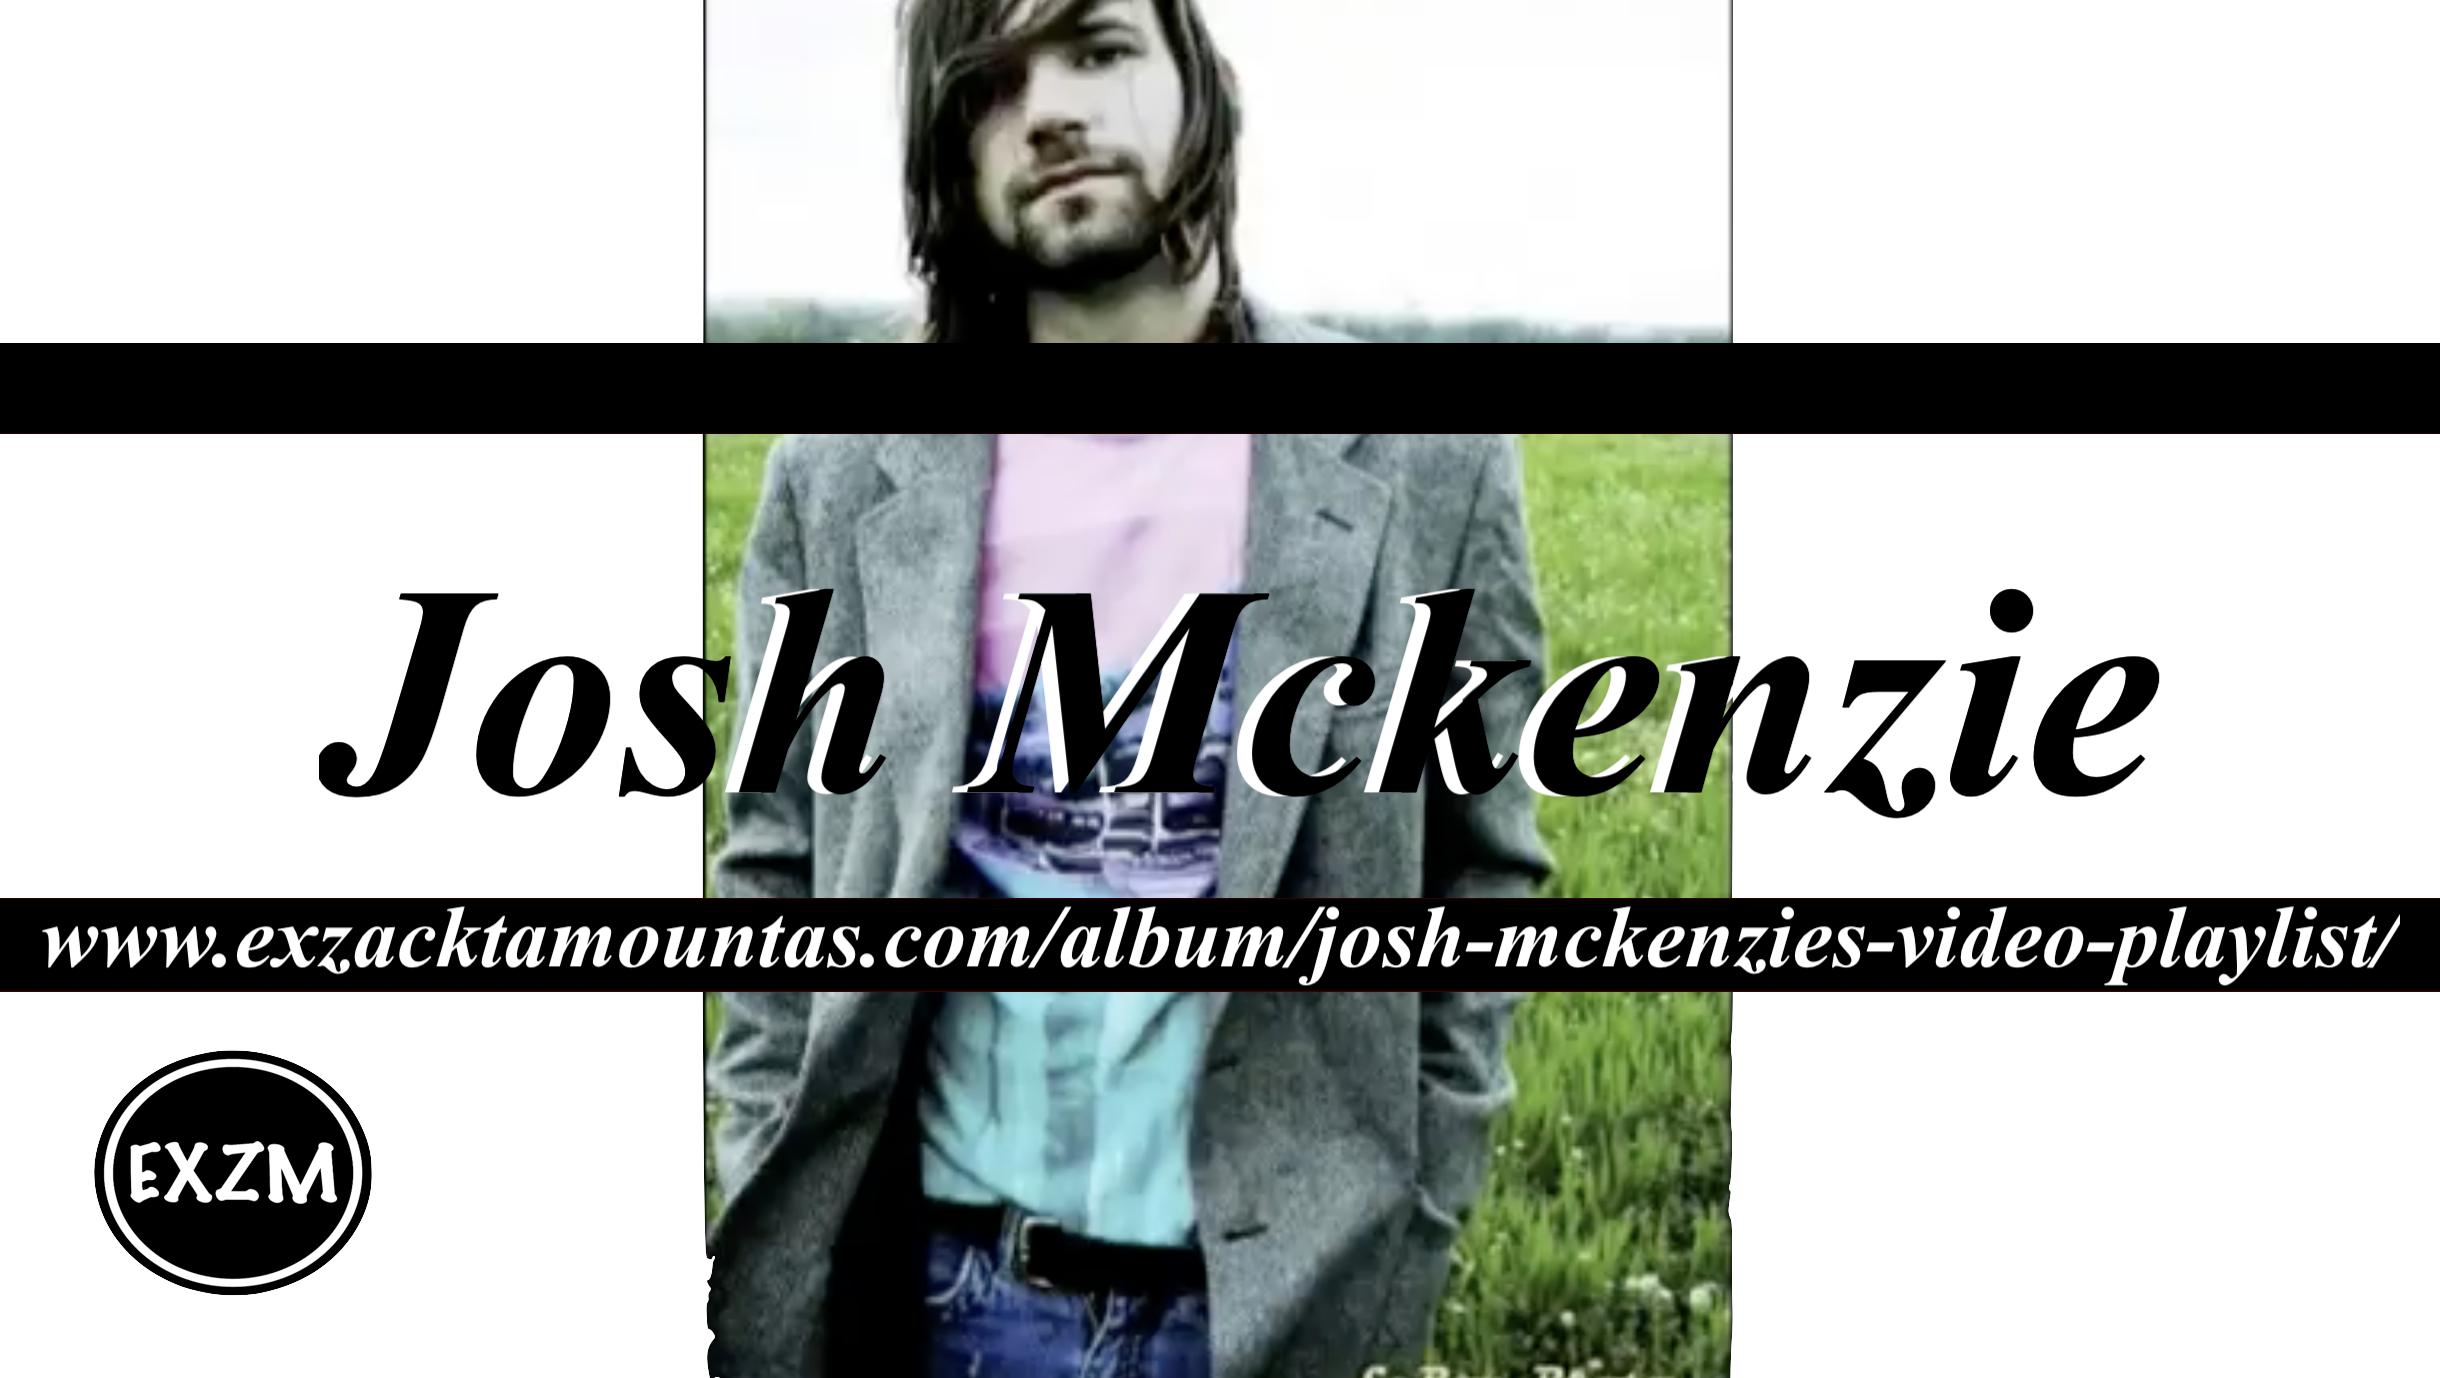 Josh Mckenzie Video Playlist EXZM 10 2 2019